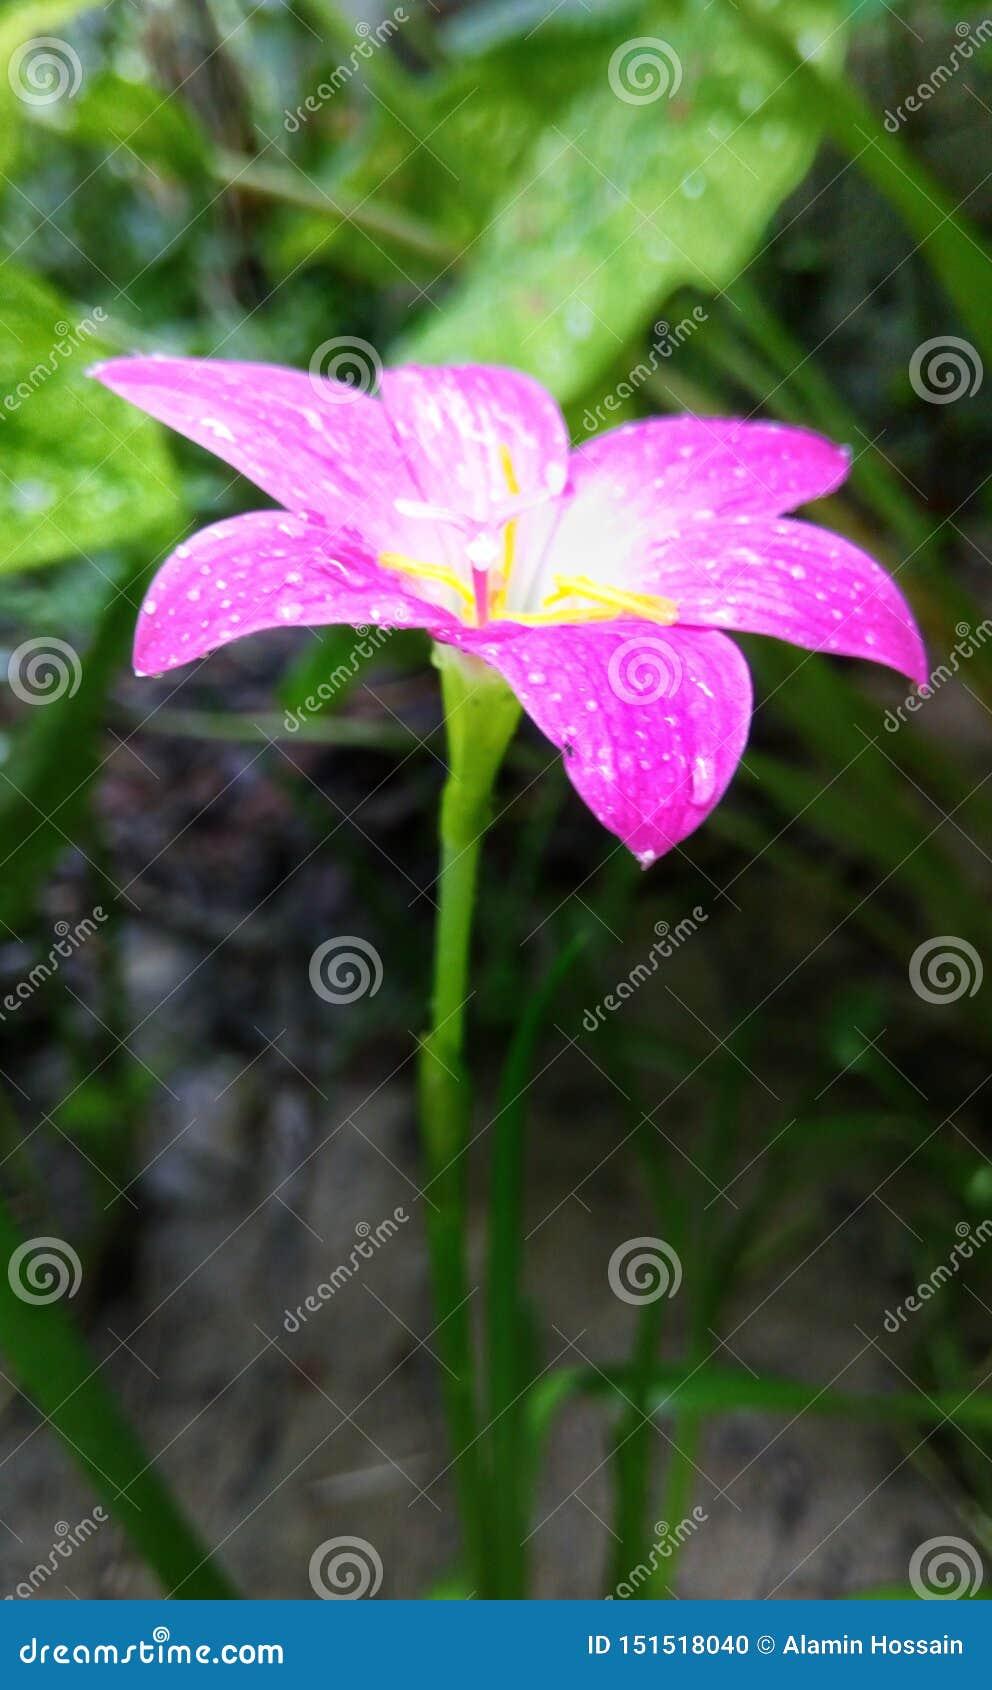 De foto van de regenbloem hd